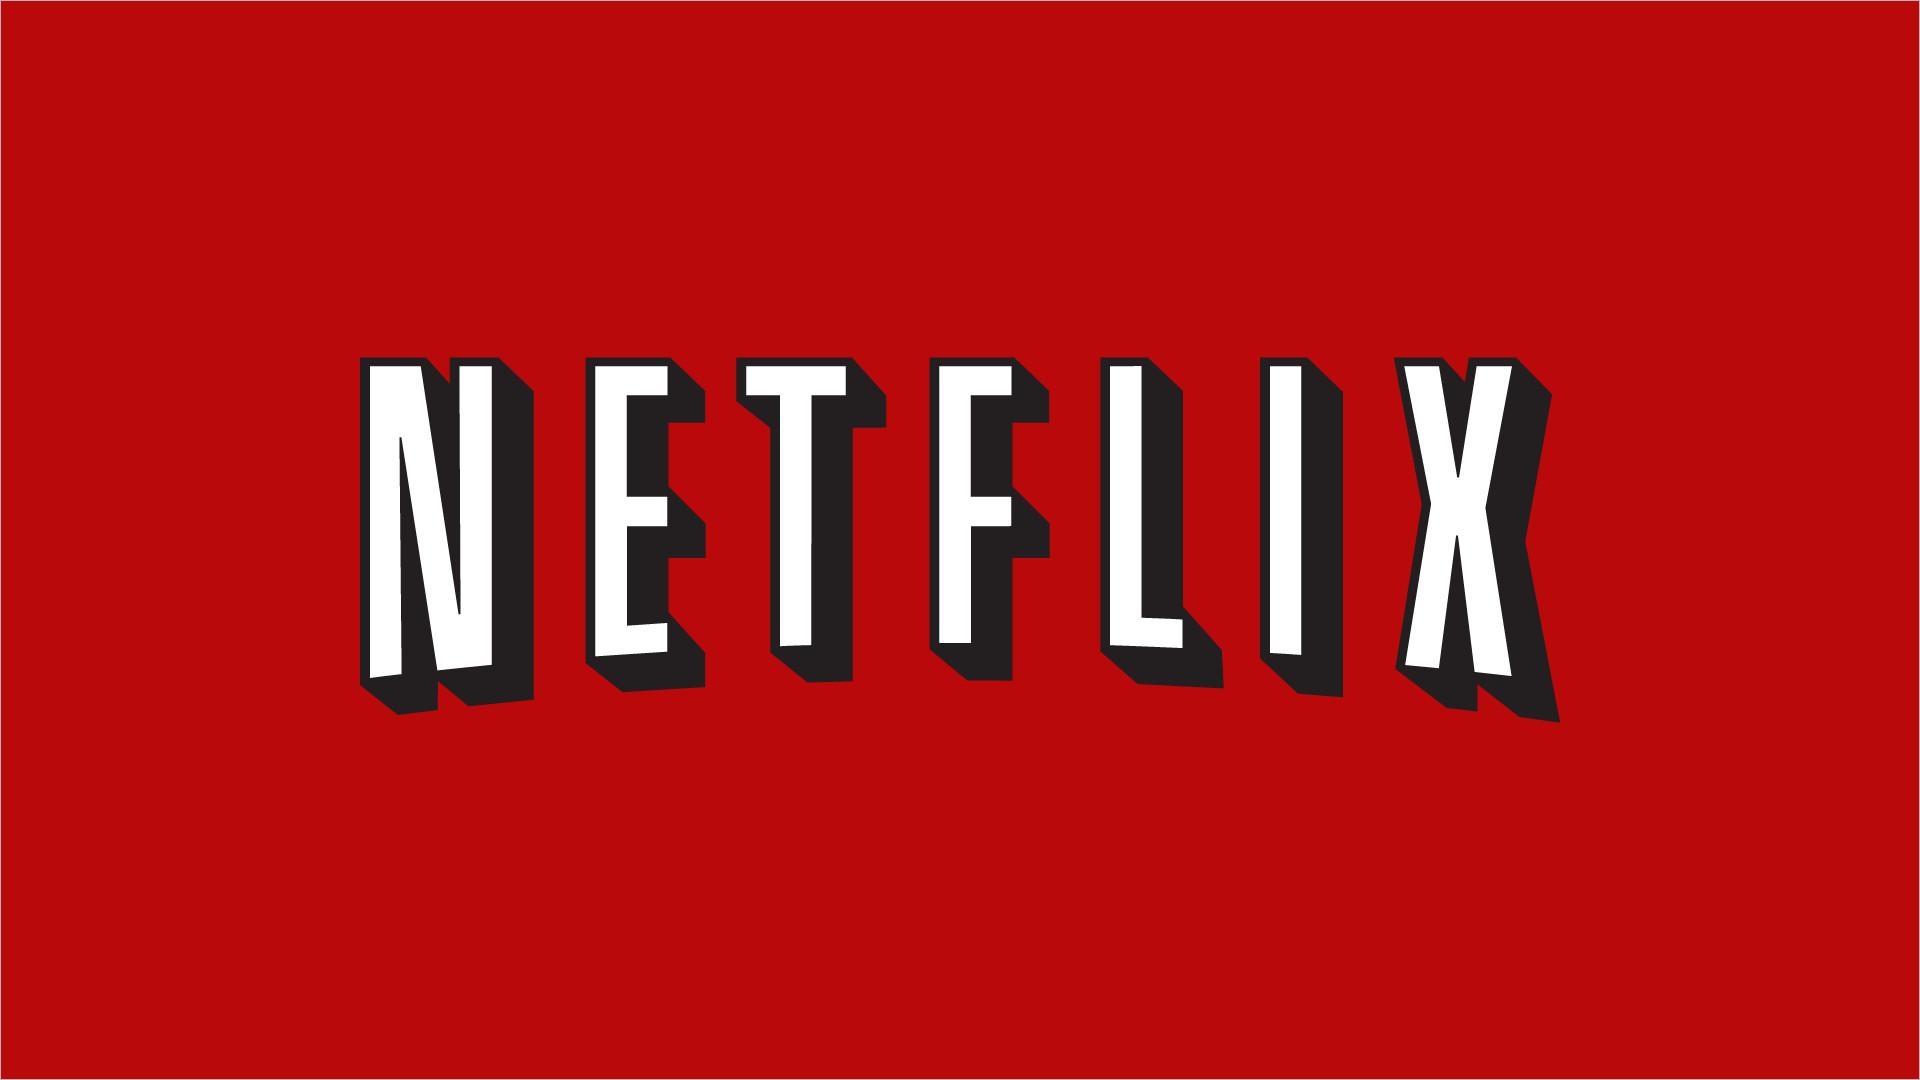 images of netflix logo